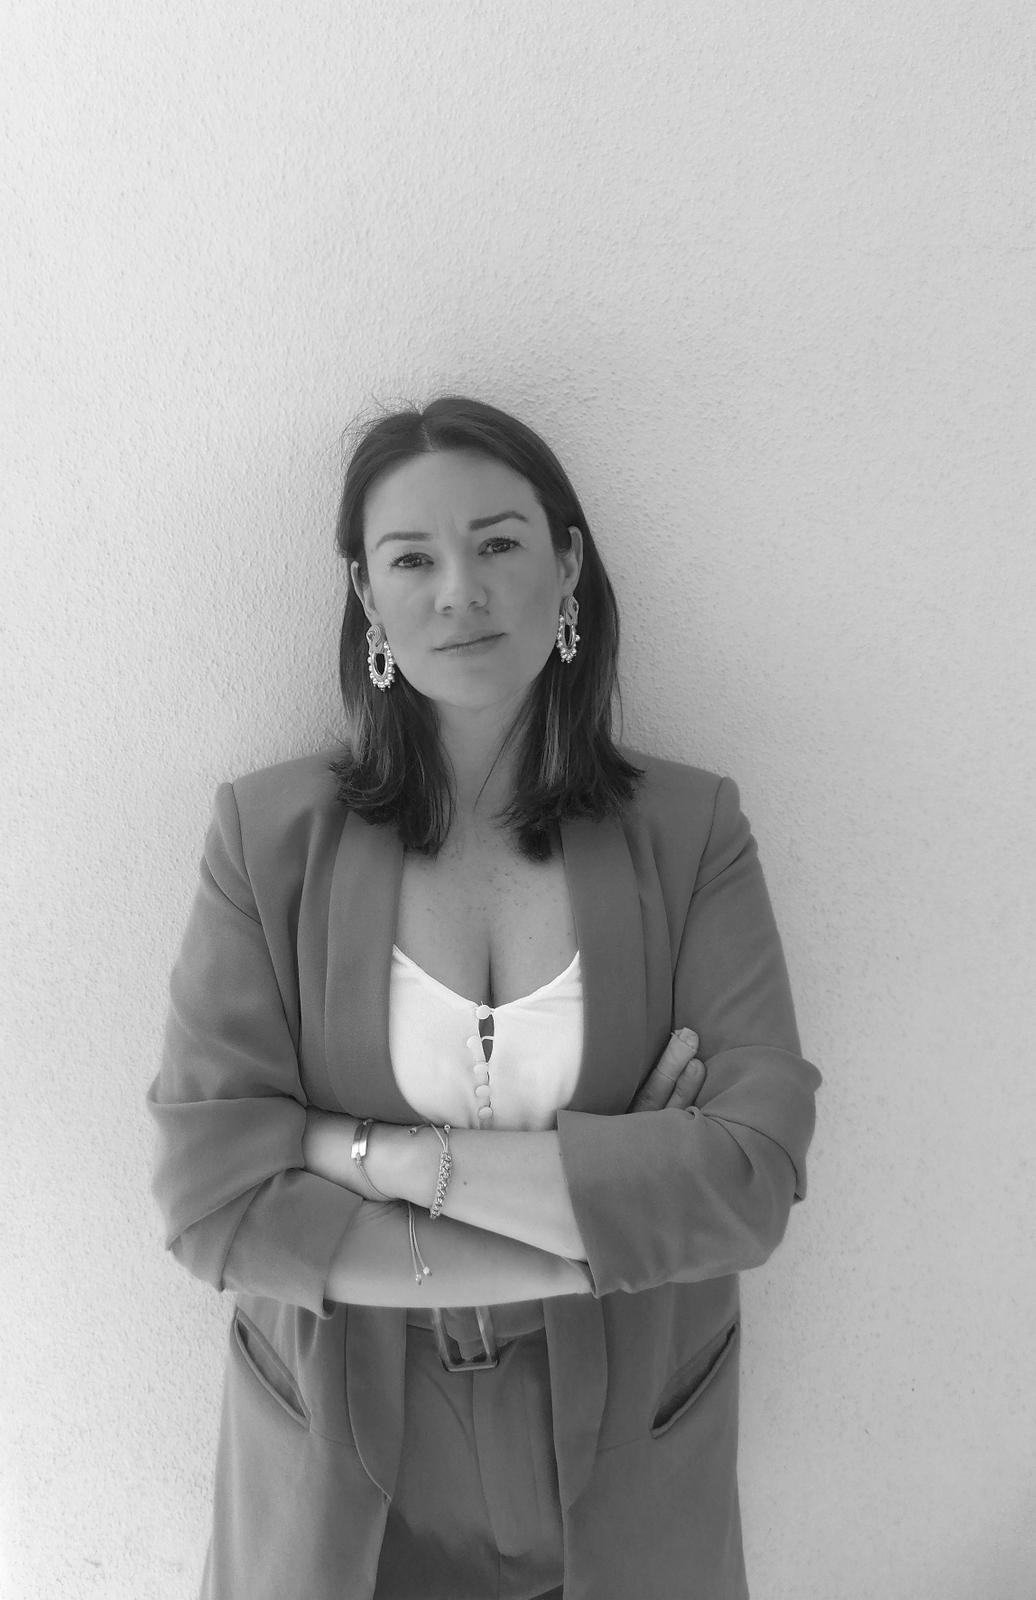 Eleonora Cattrocci